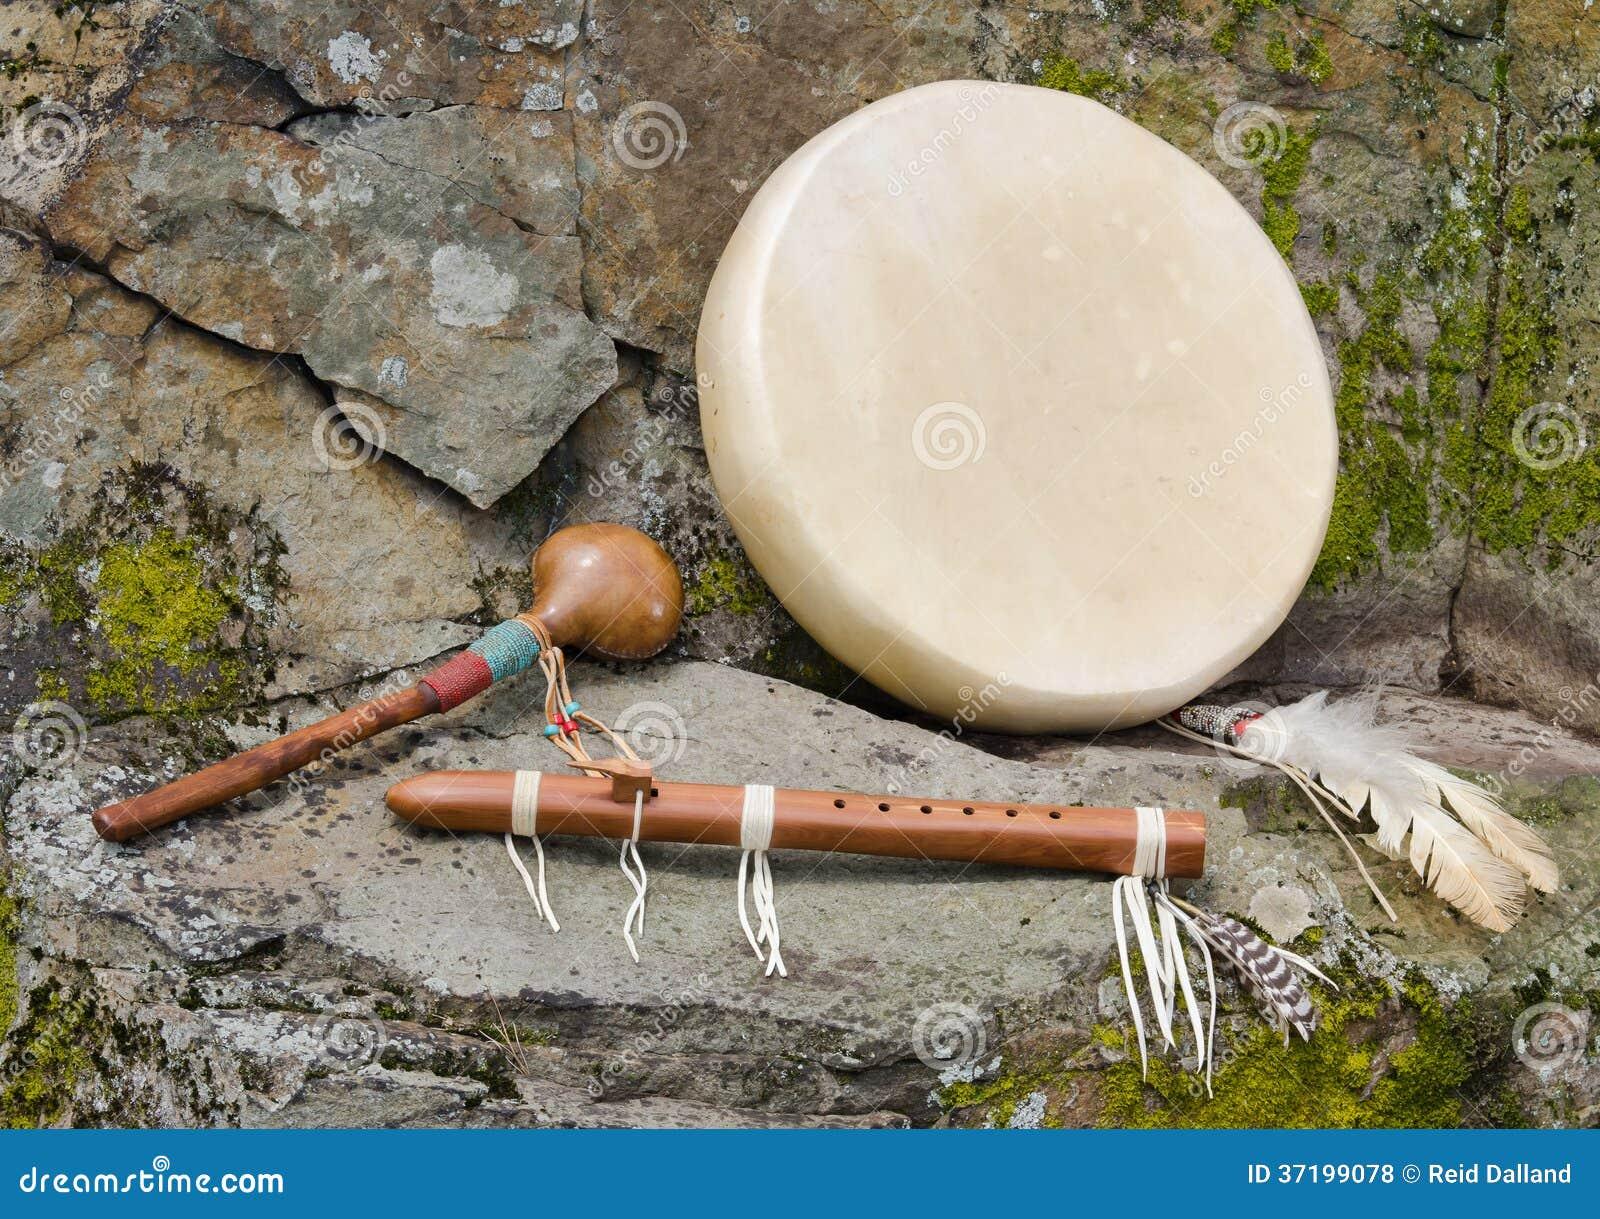 Τύμπανο αμερικανών ιθαγενών με το φλάουτο και το δονητή.